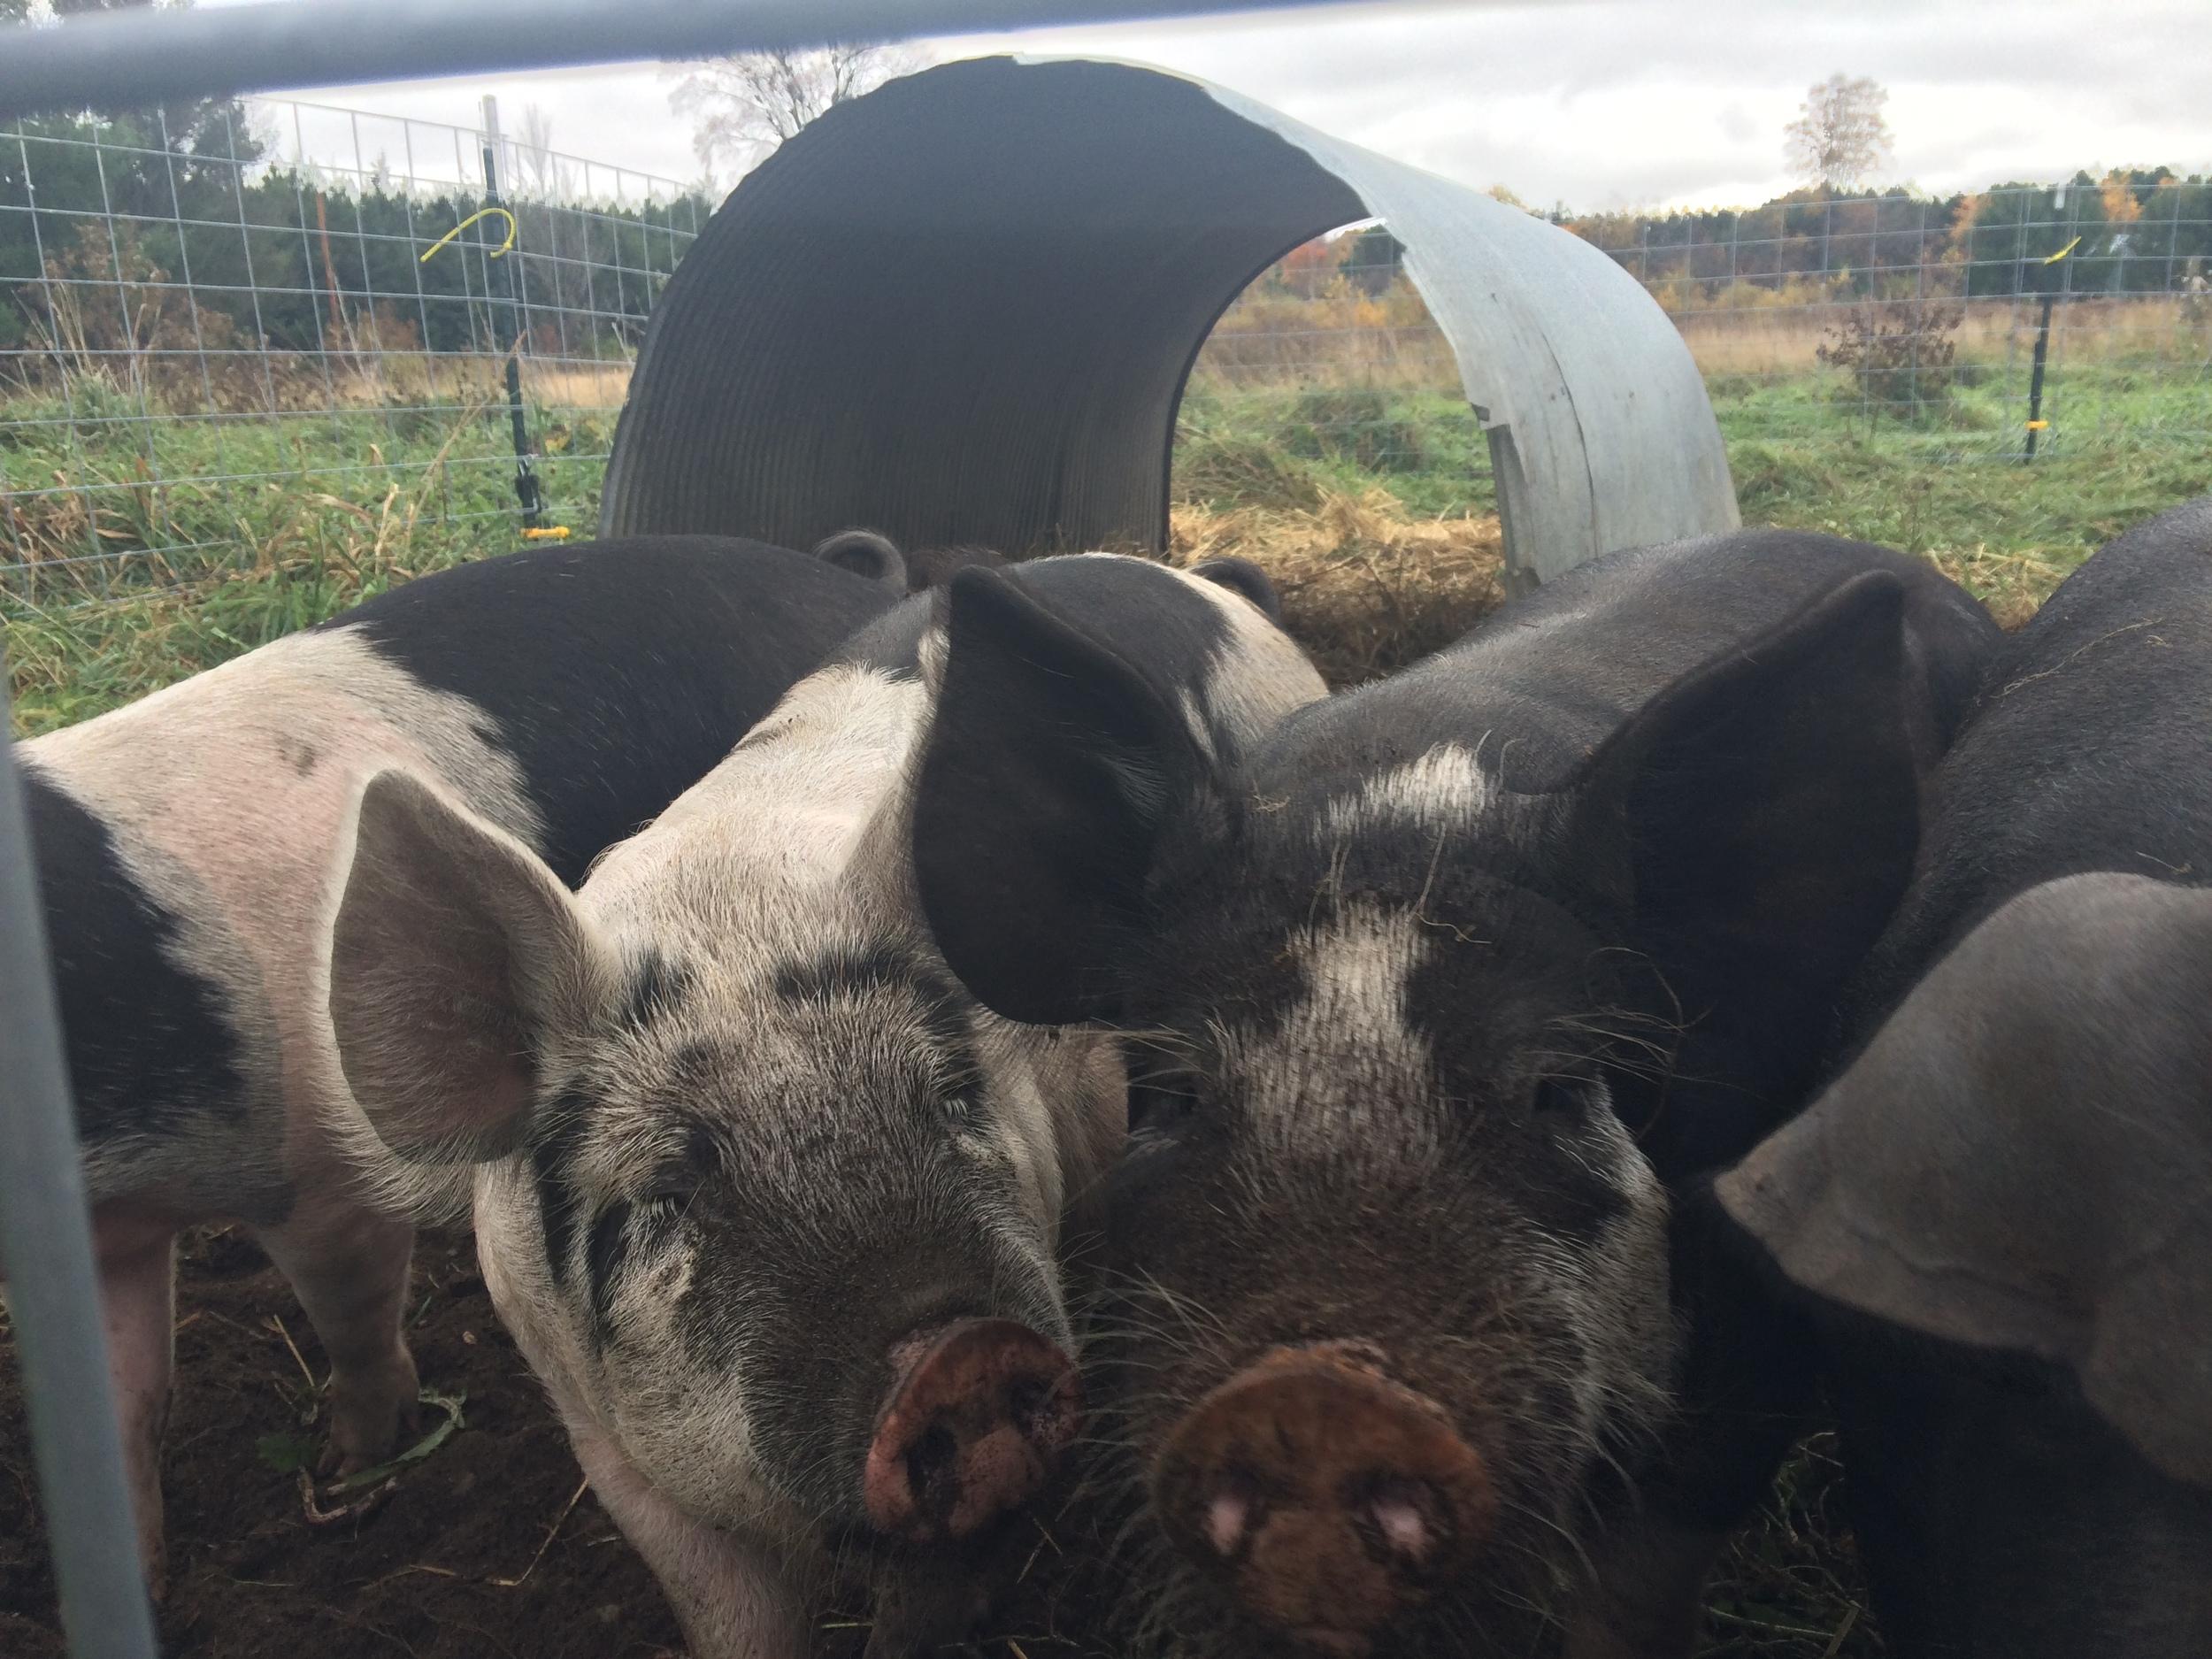 large black hog crosses at 4 months